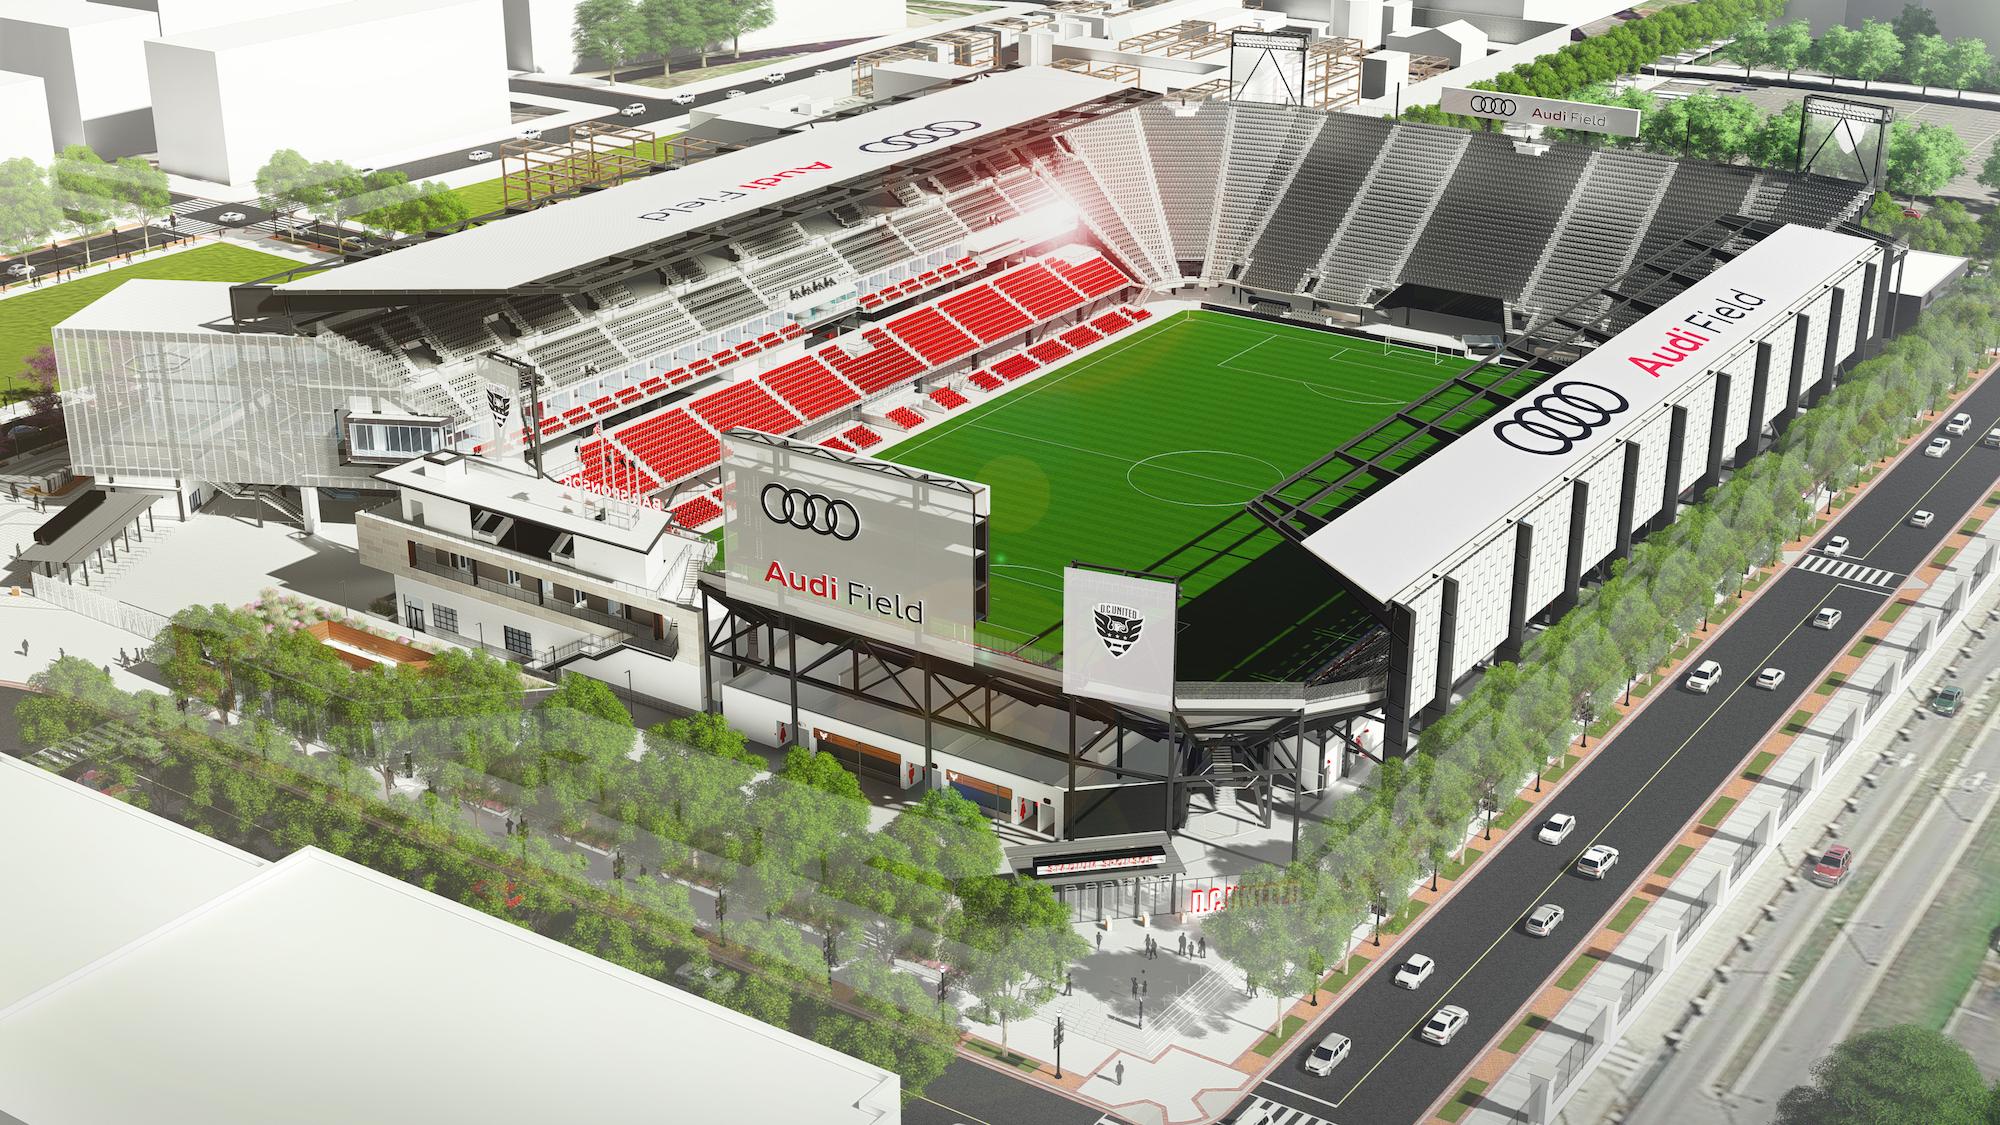 Audi-Field-DC-United-MLS-Futbol-Estados-Unidos